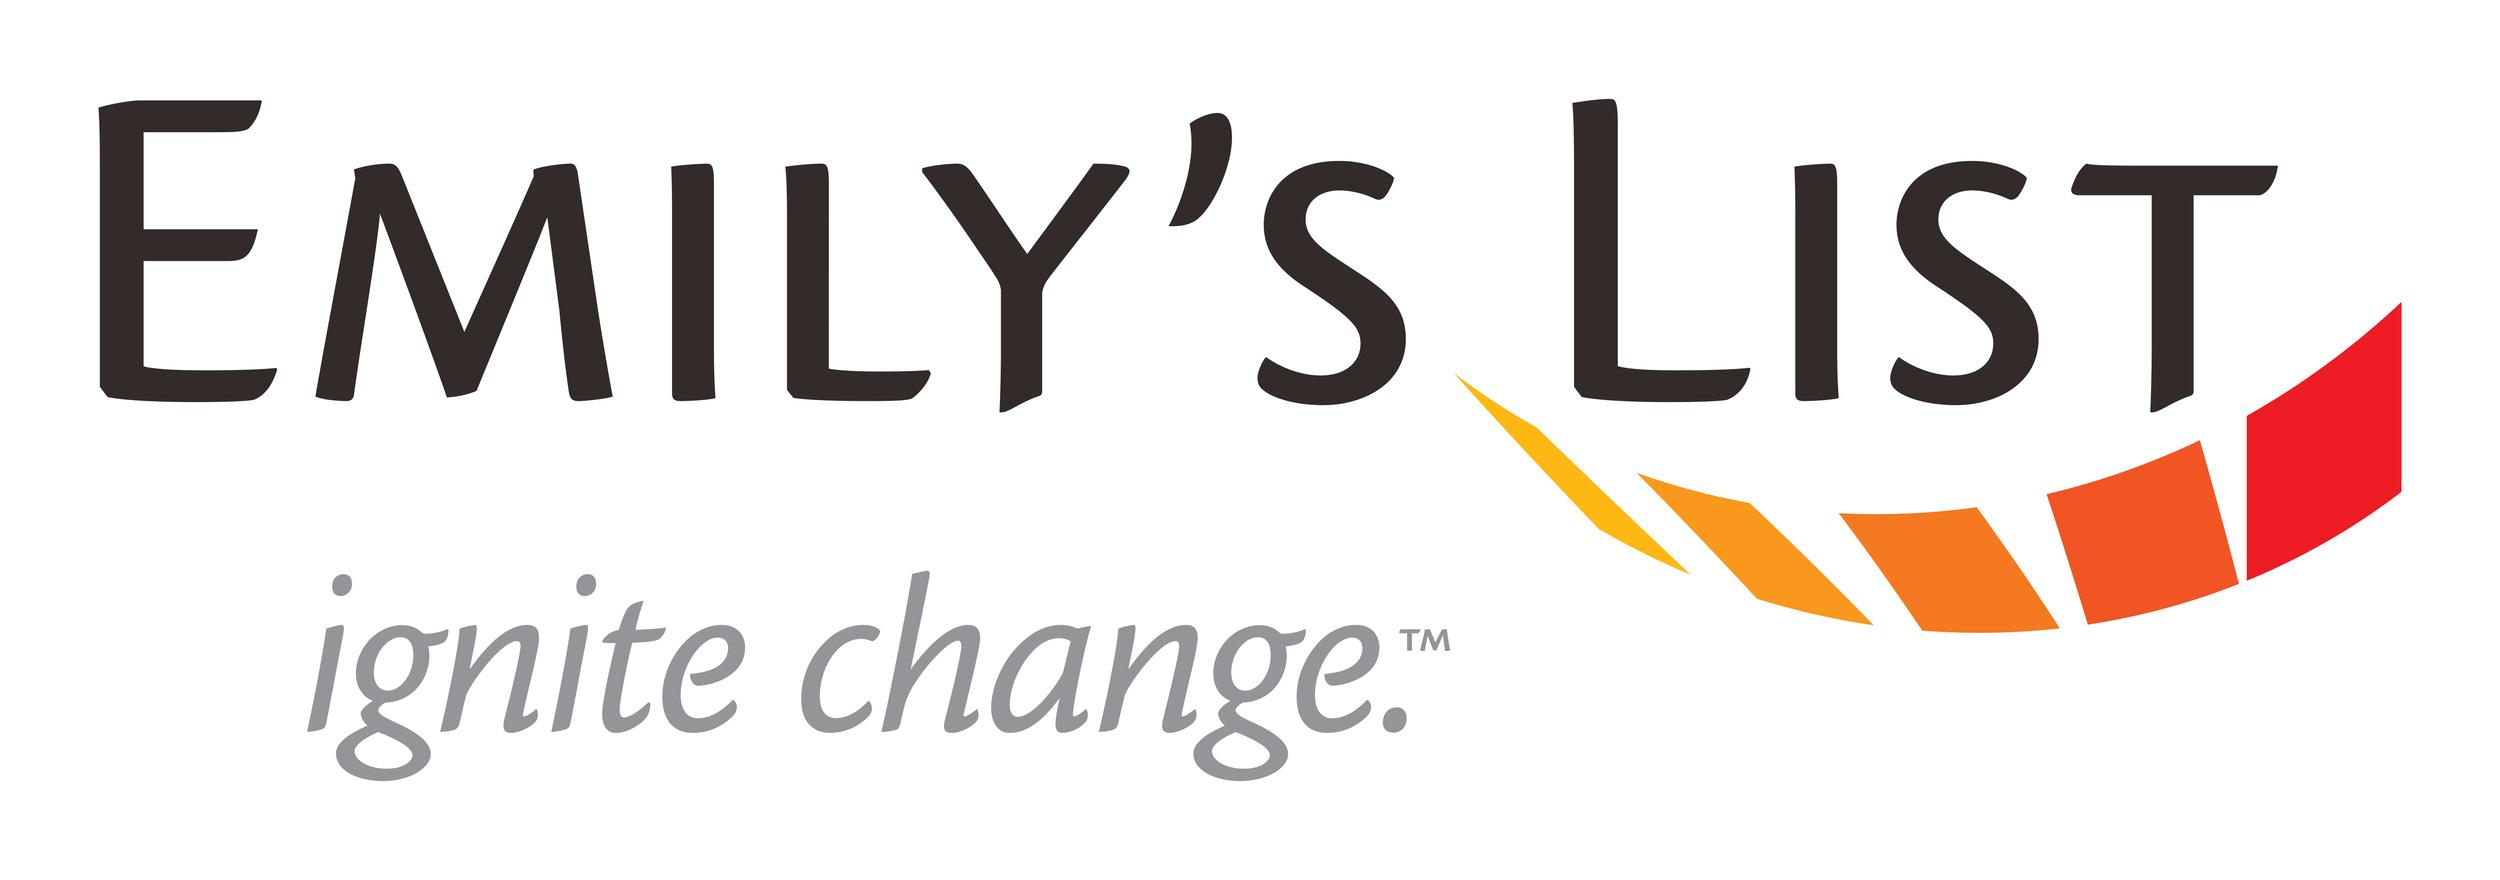 emilyslist_logo_with_tag.jpg